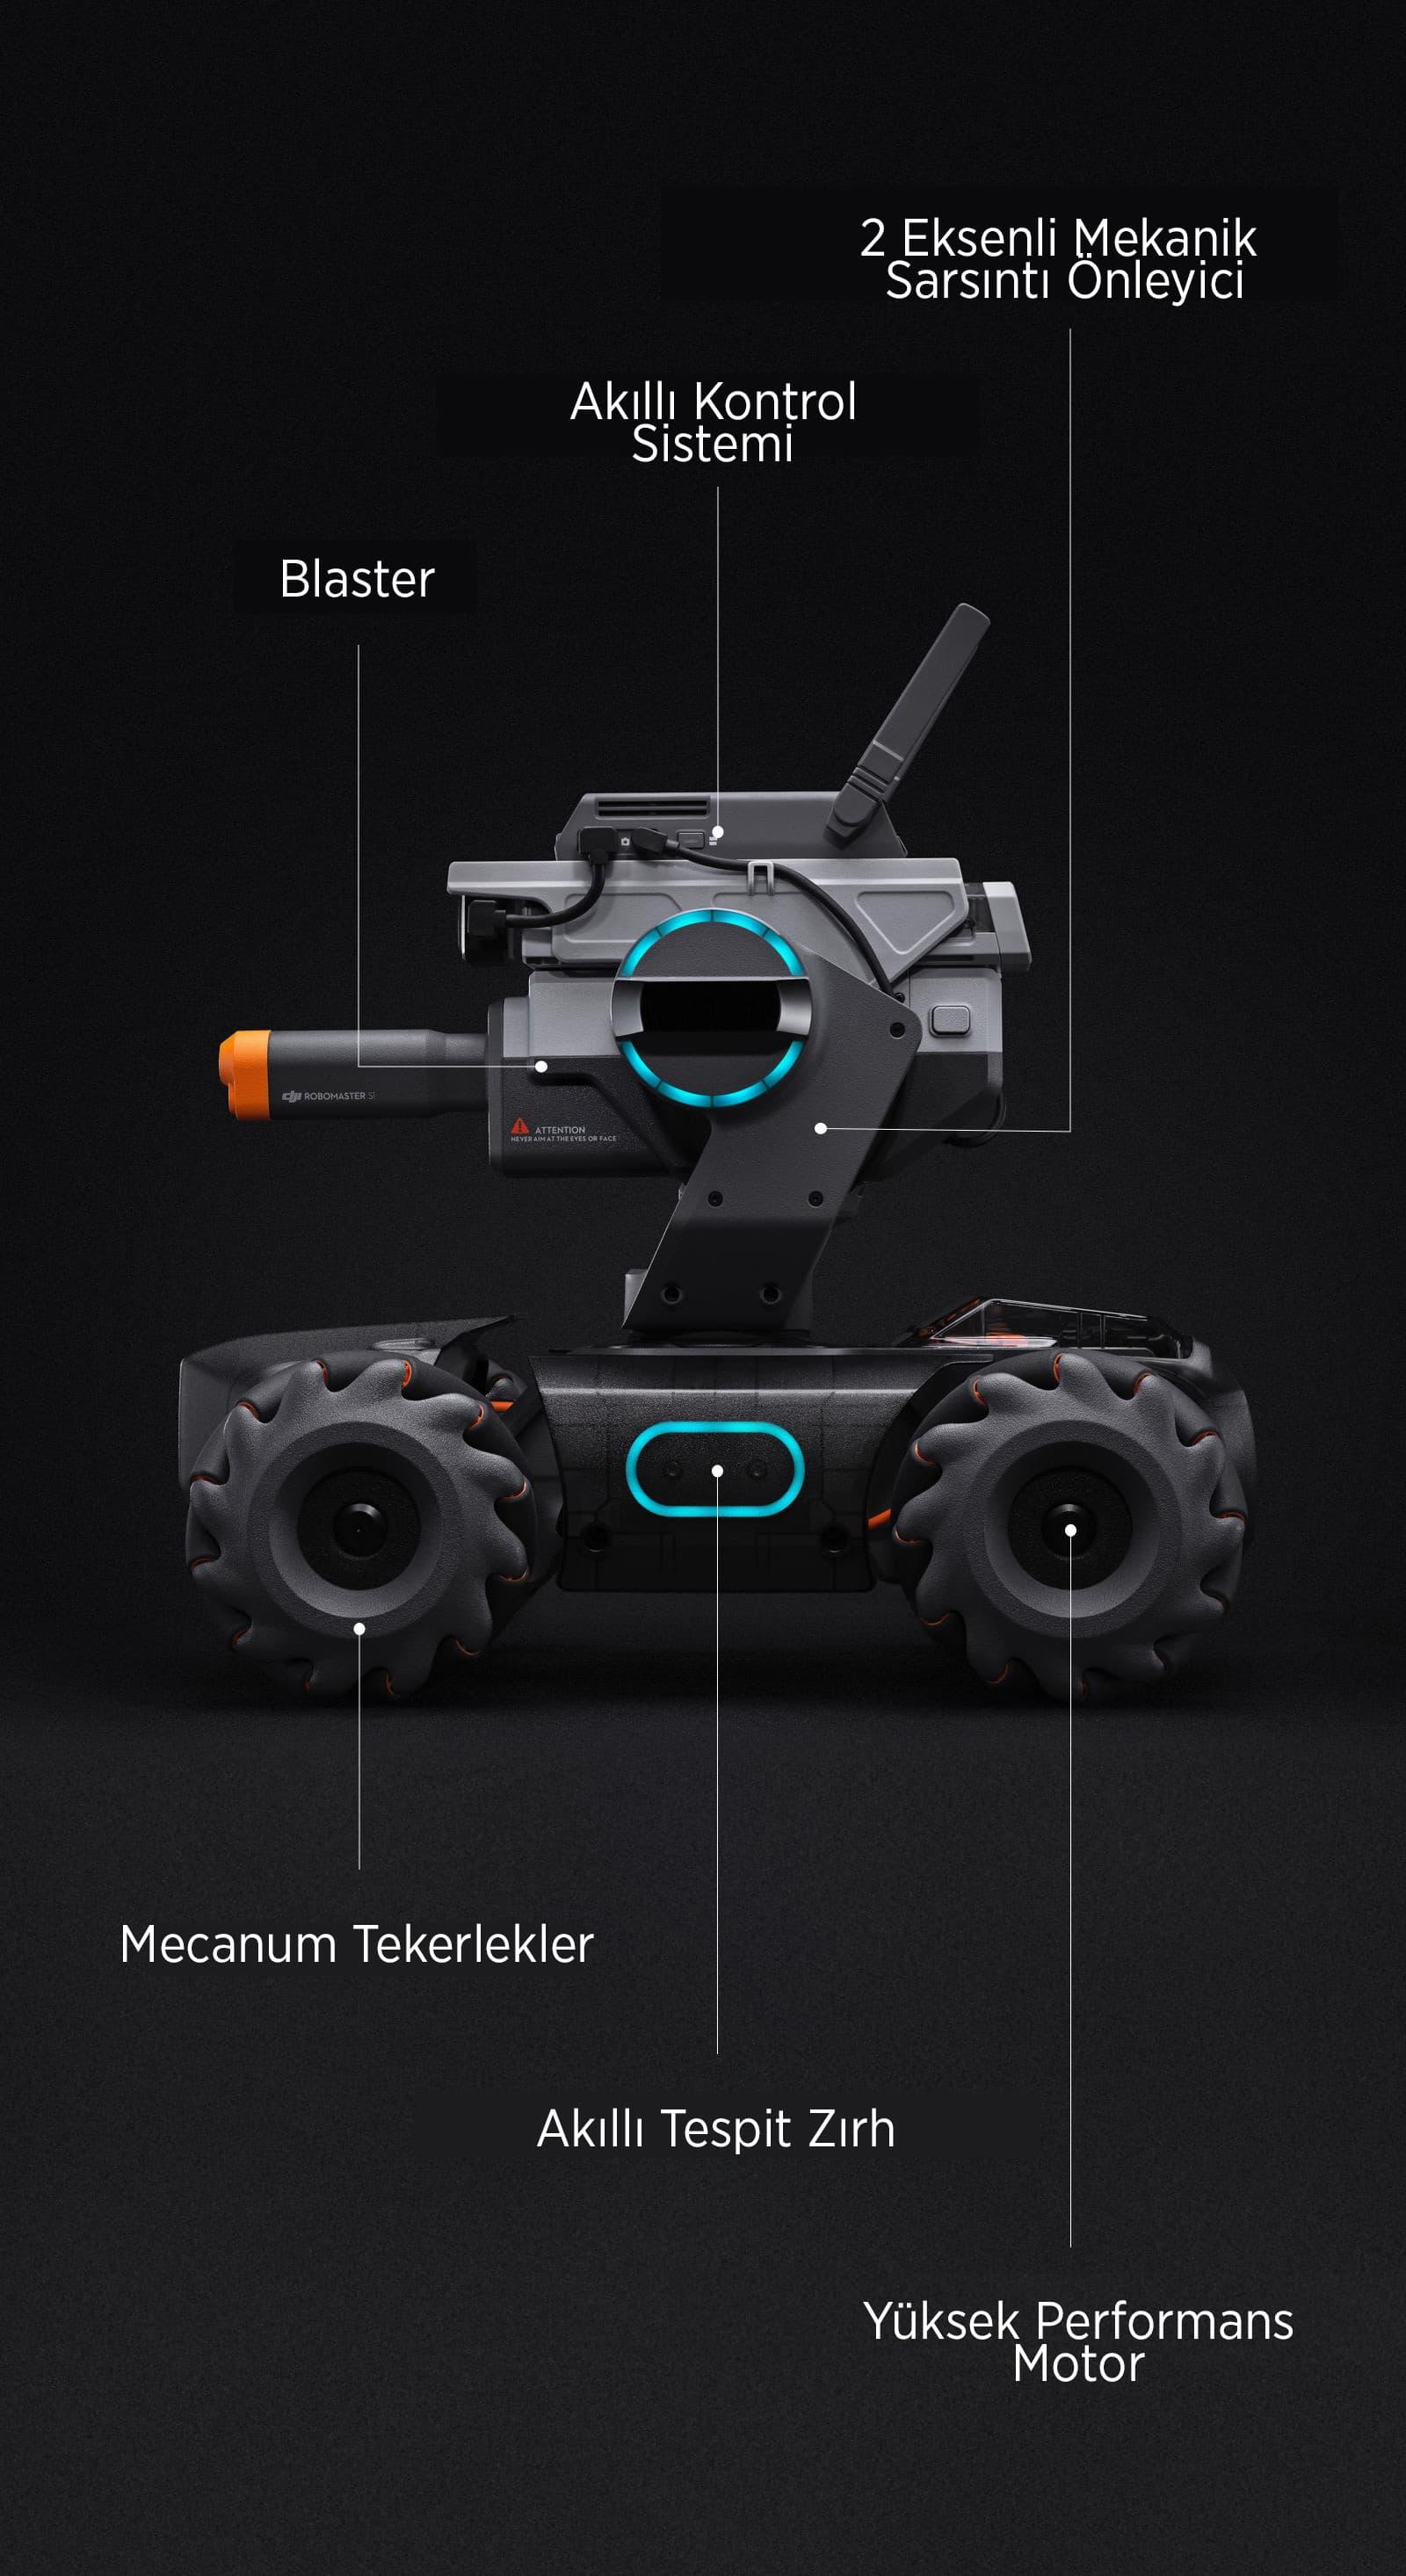 [Resim: Robomaster-S1_03.jpg]